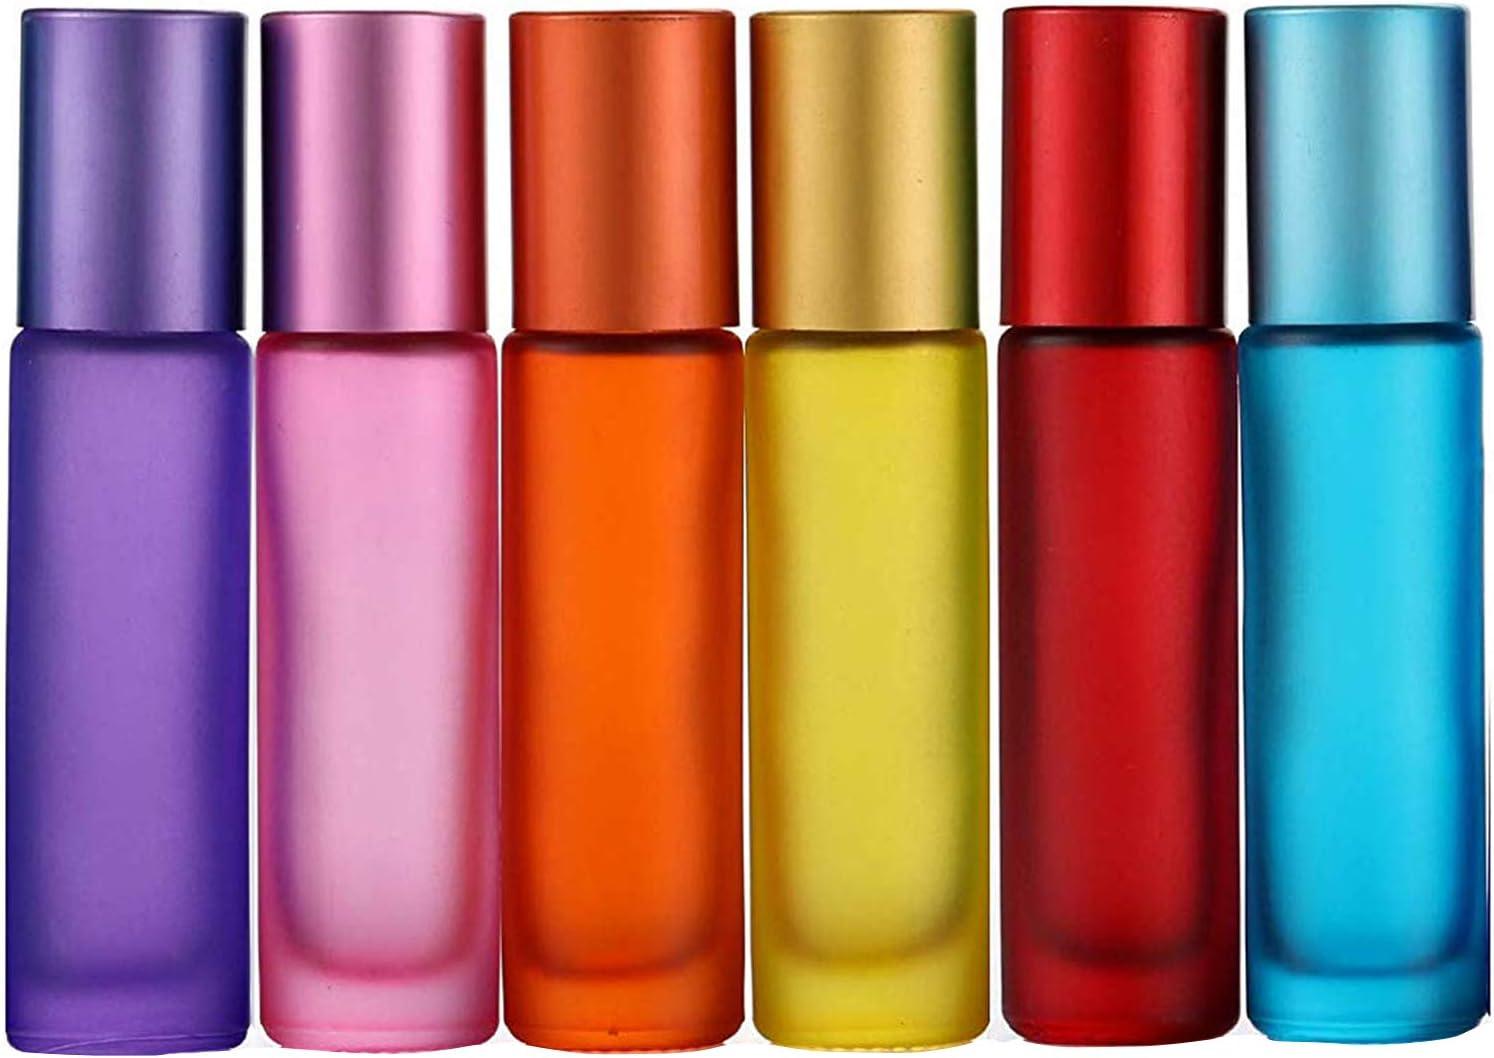 Alledomain, 6 unidades, botellas de 10 ml de aceites esenciales, vacías, con bola de acero inoxidable, incluye 1 gotero y abridor